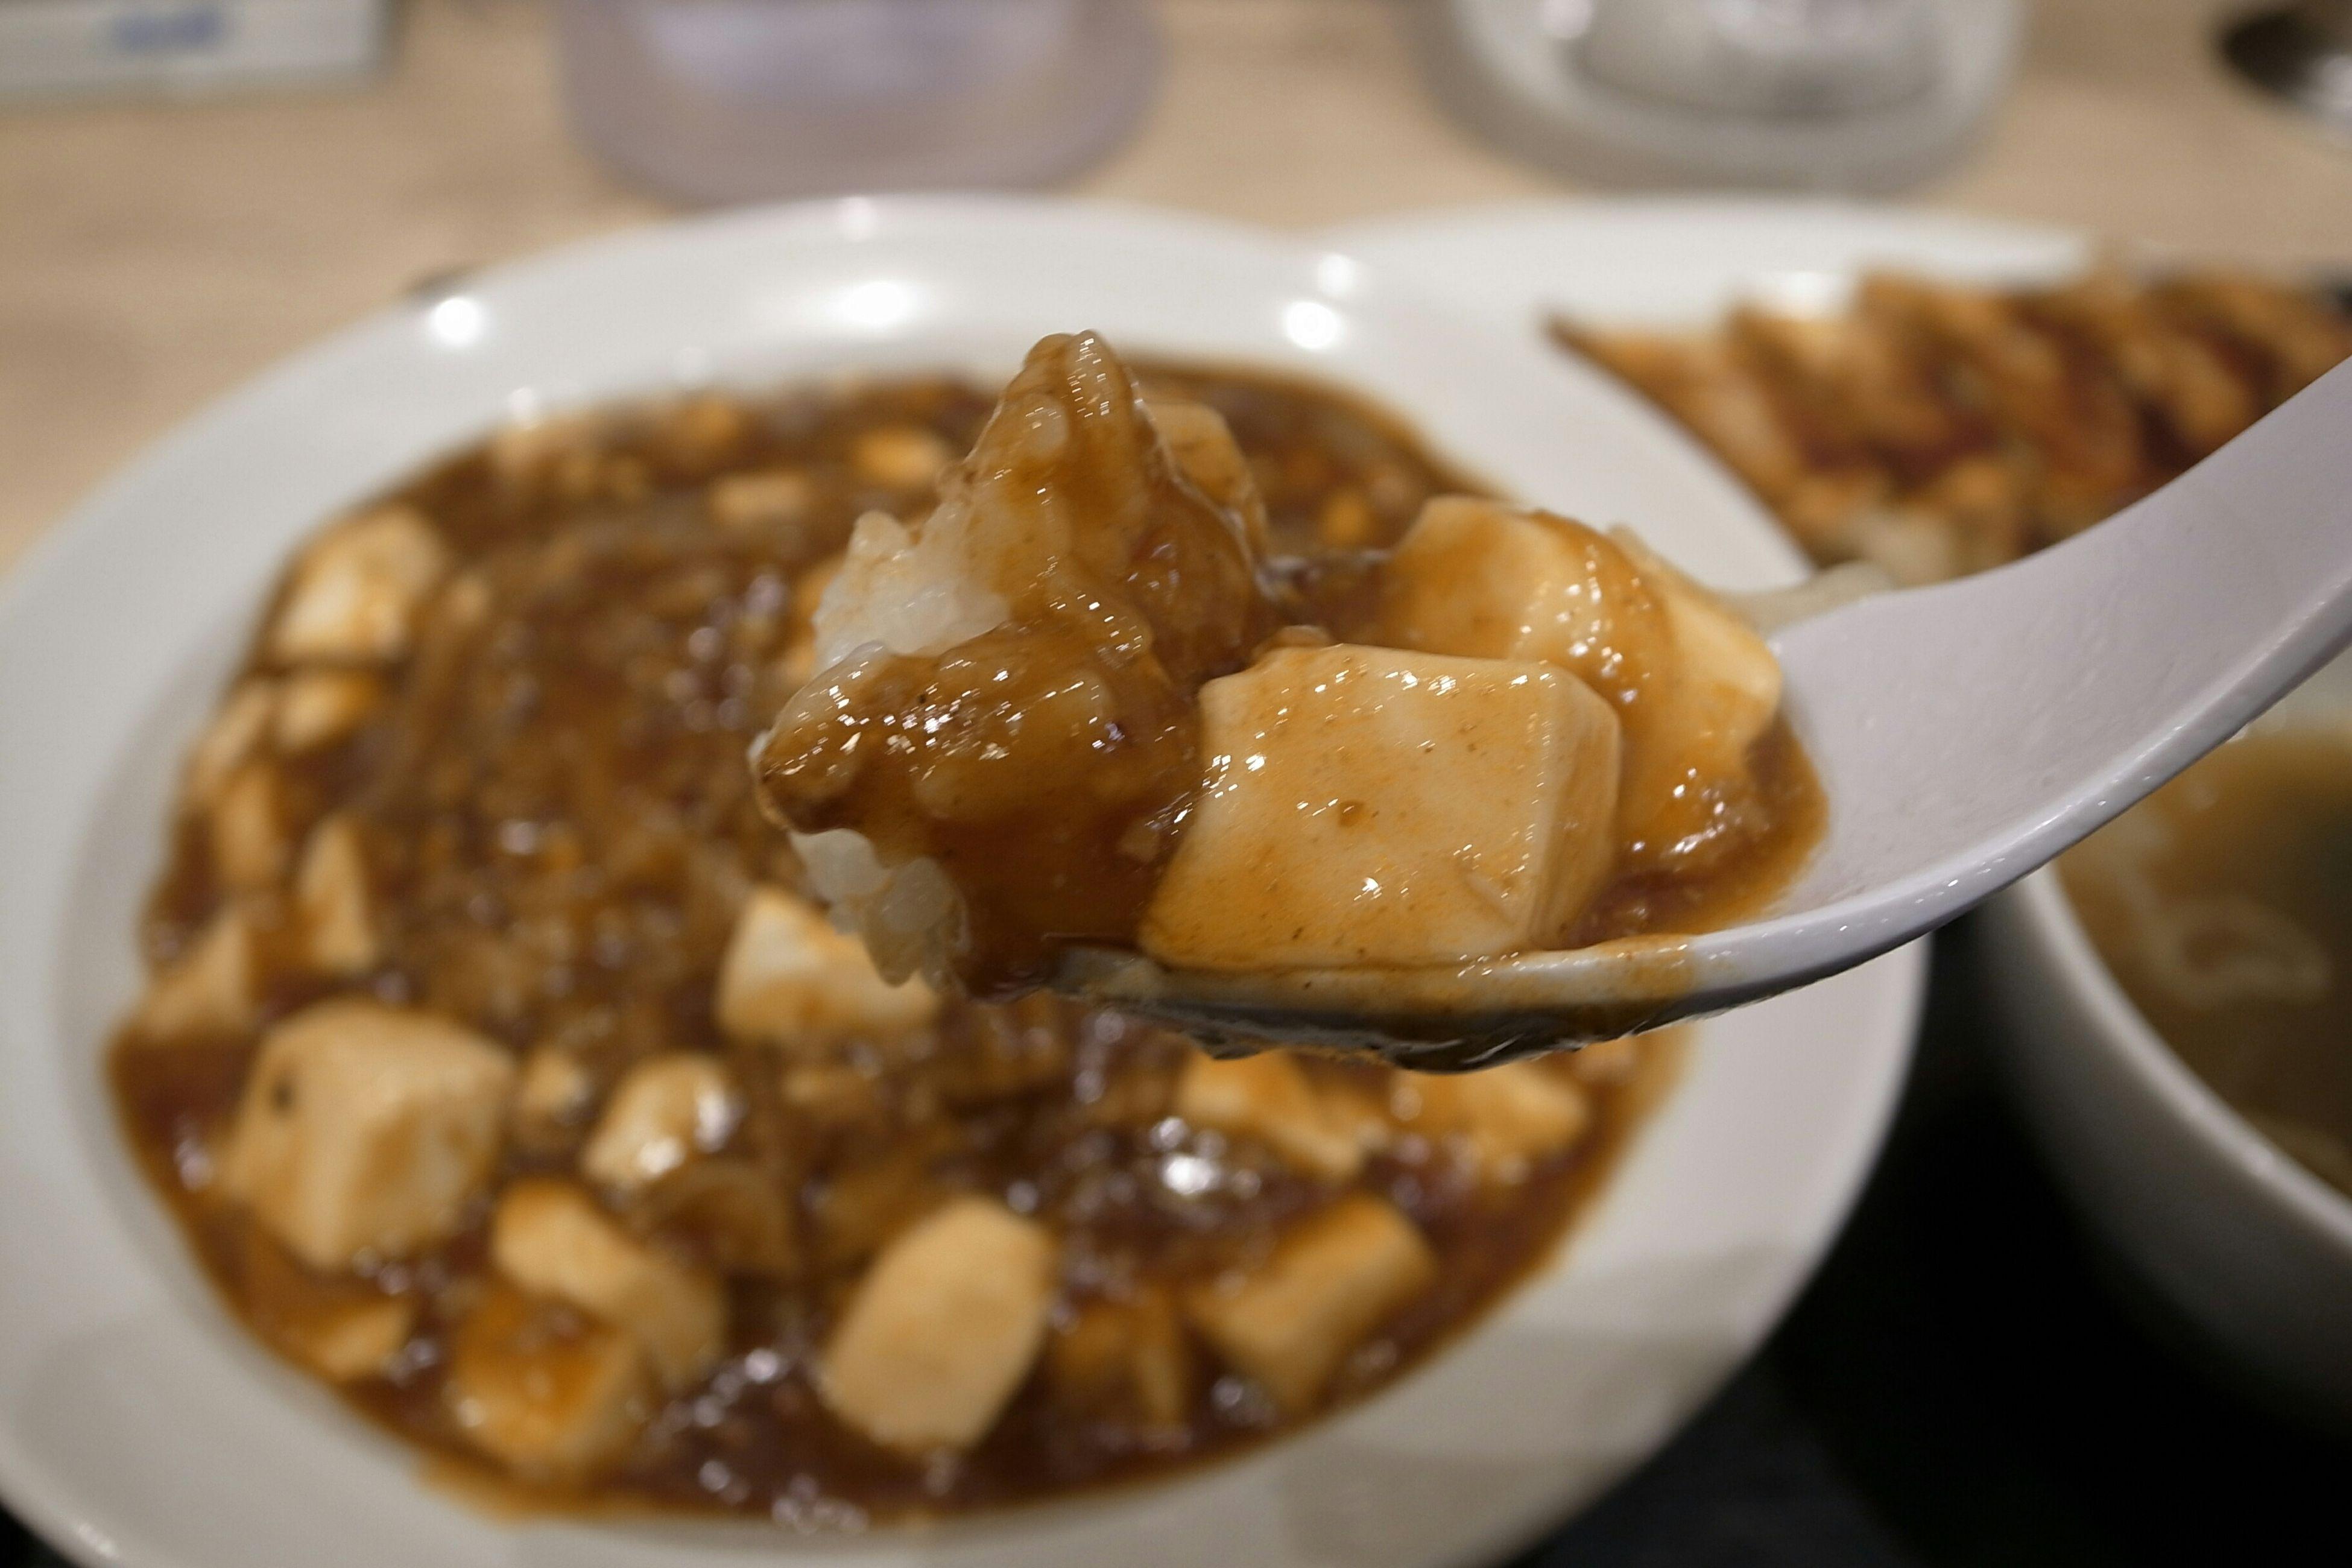 麻婆丼 餃子 Chinese Food Enjoying A Meal In My Mouf Yummy Food Porn Tofu And Meat With Spicy Source Gyoza Ricoh GRD III 美登利寿司で母に何か買ってやろうと思い梅ヶ丘で降りたけど全て売り切れ。先に自分だけ食べちゃった(苦笑)。